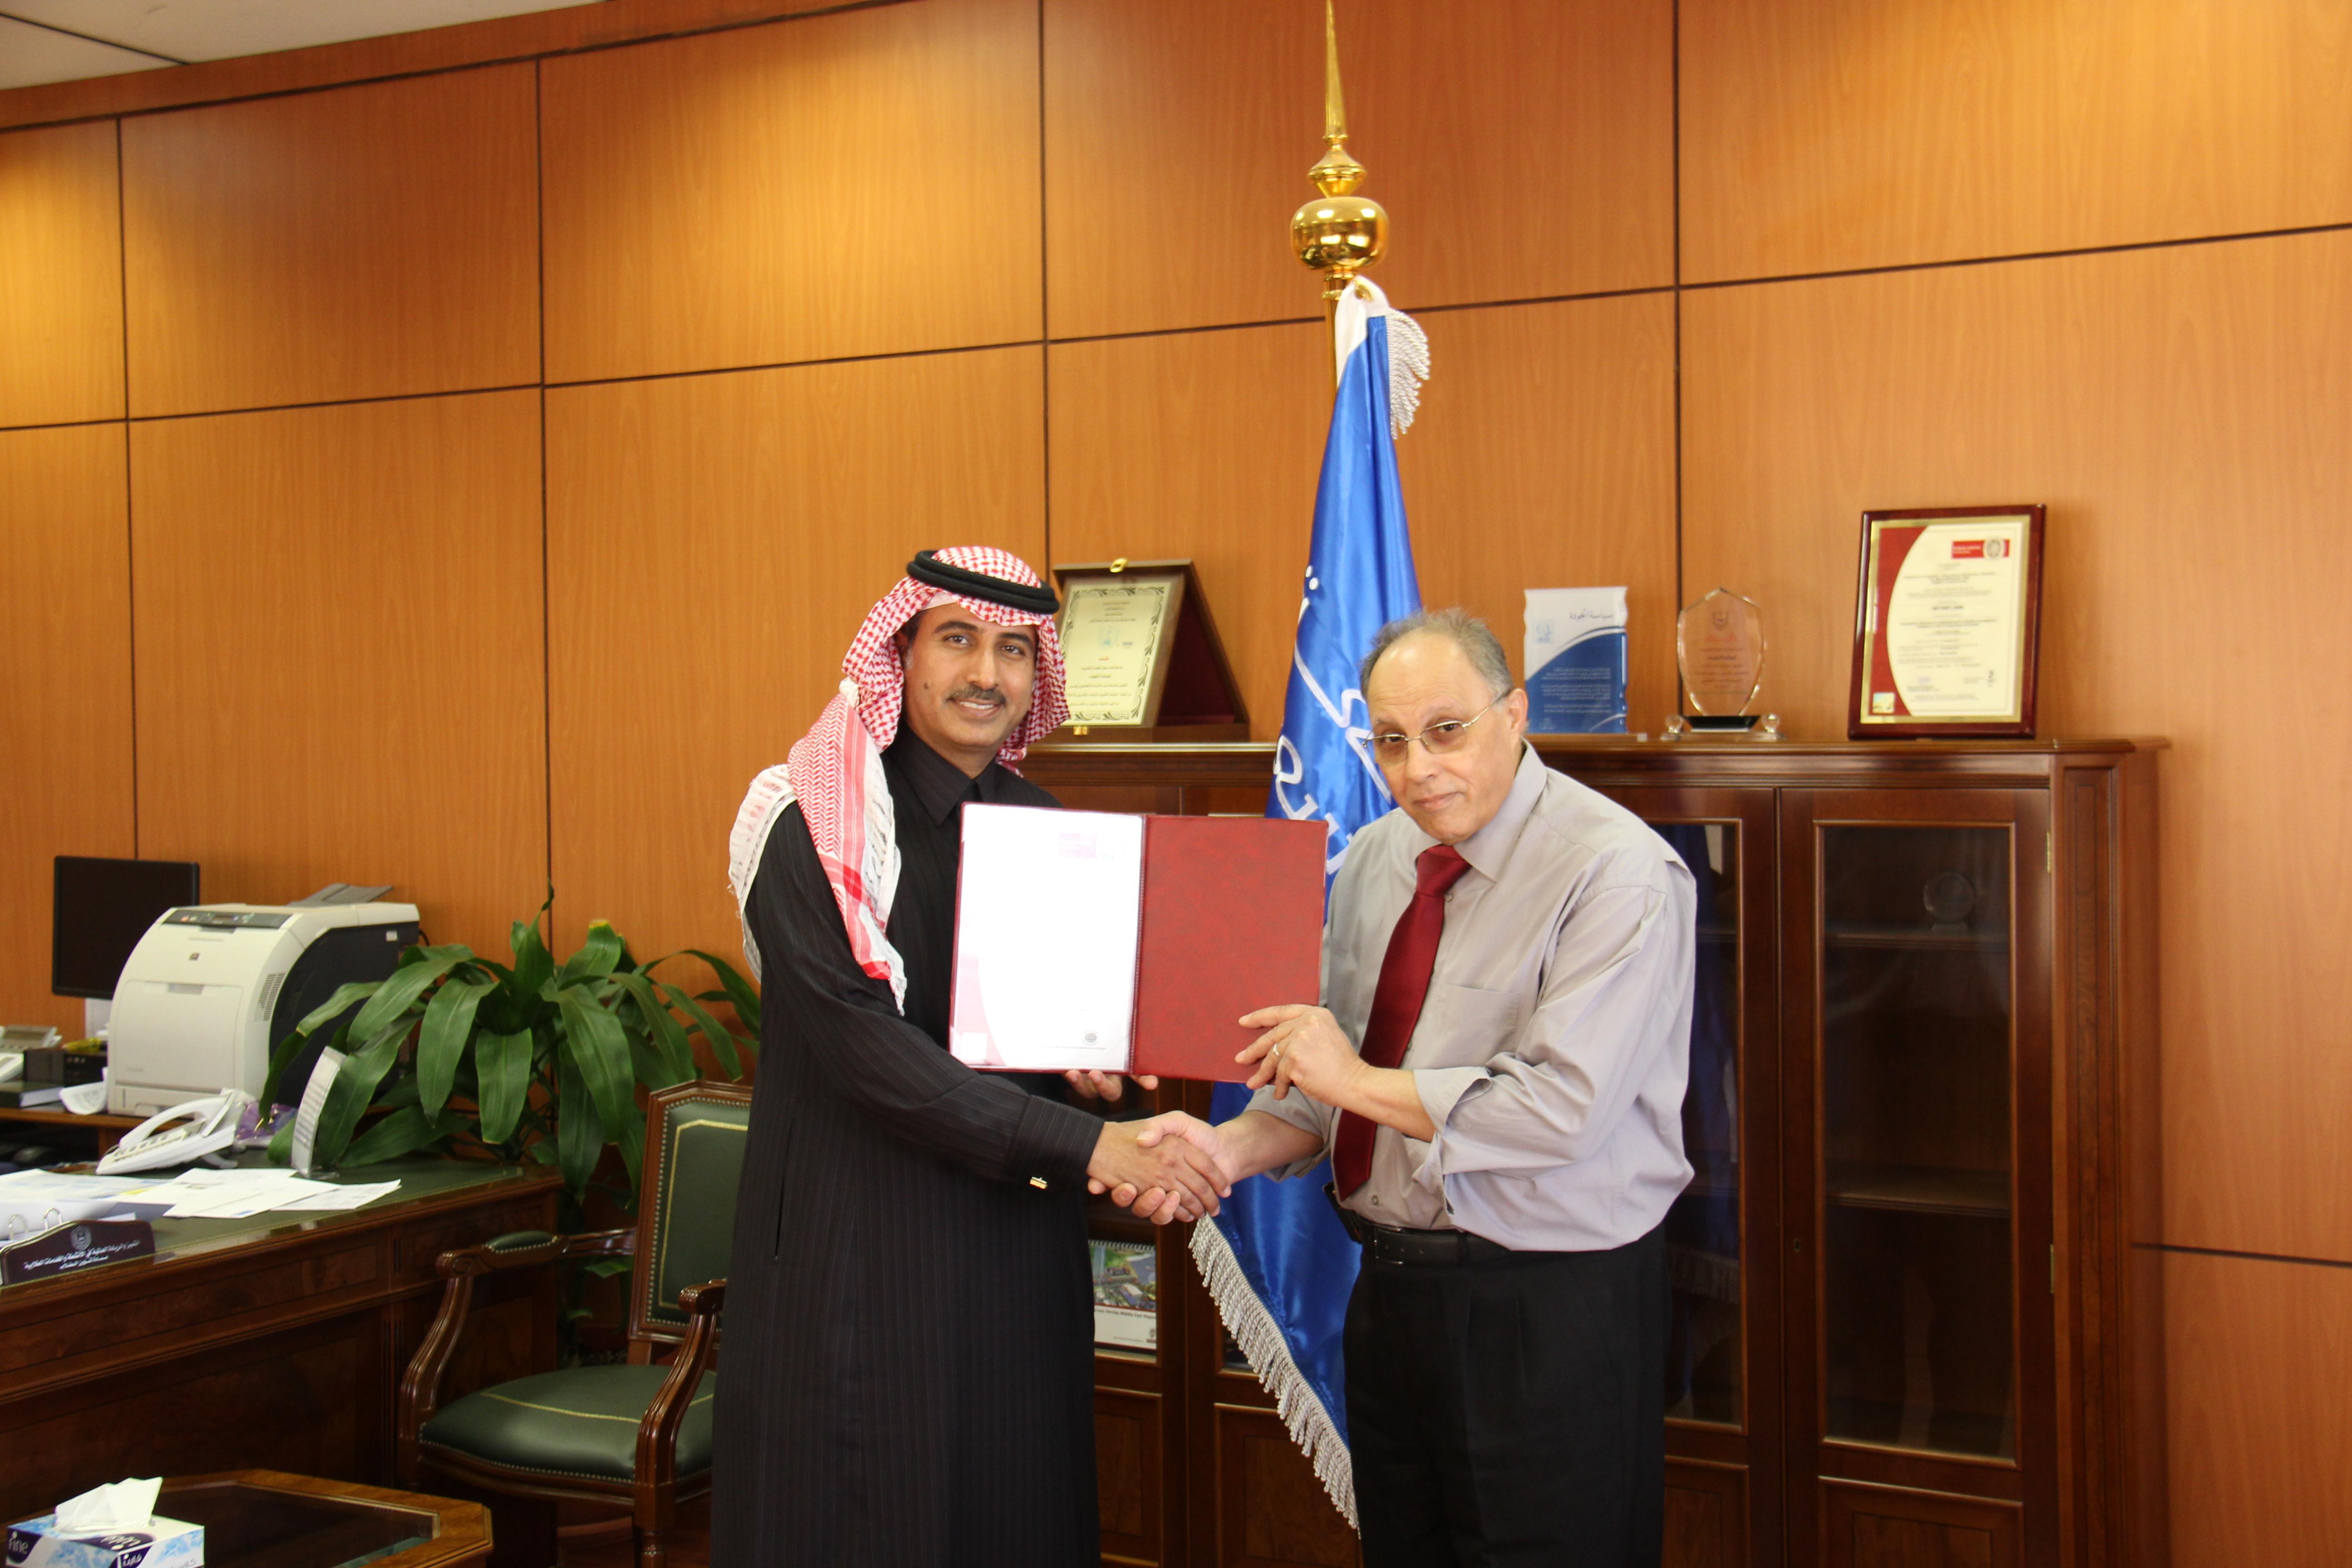 عمادة التطوير والجودة تحصل على شهادة مدقق دولي